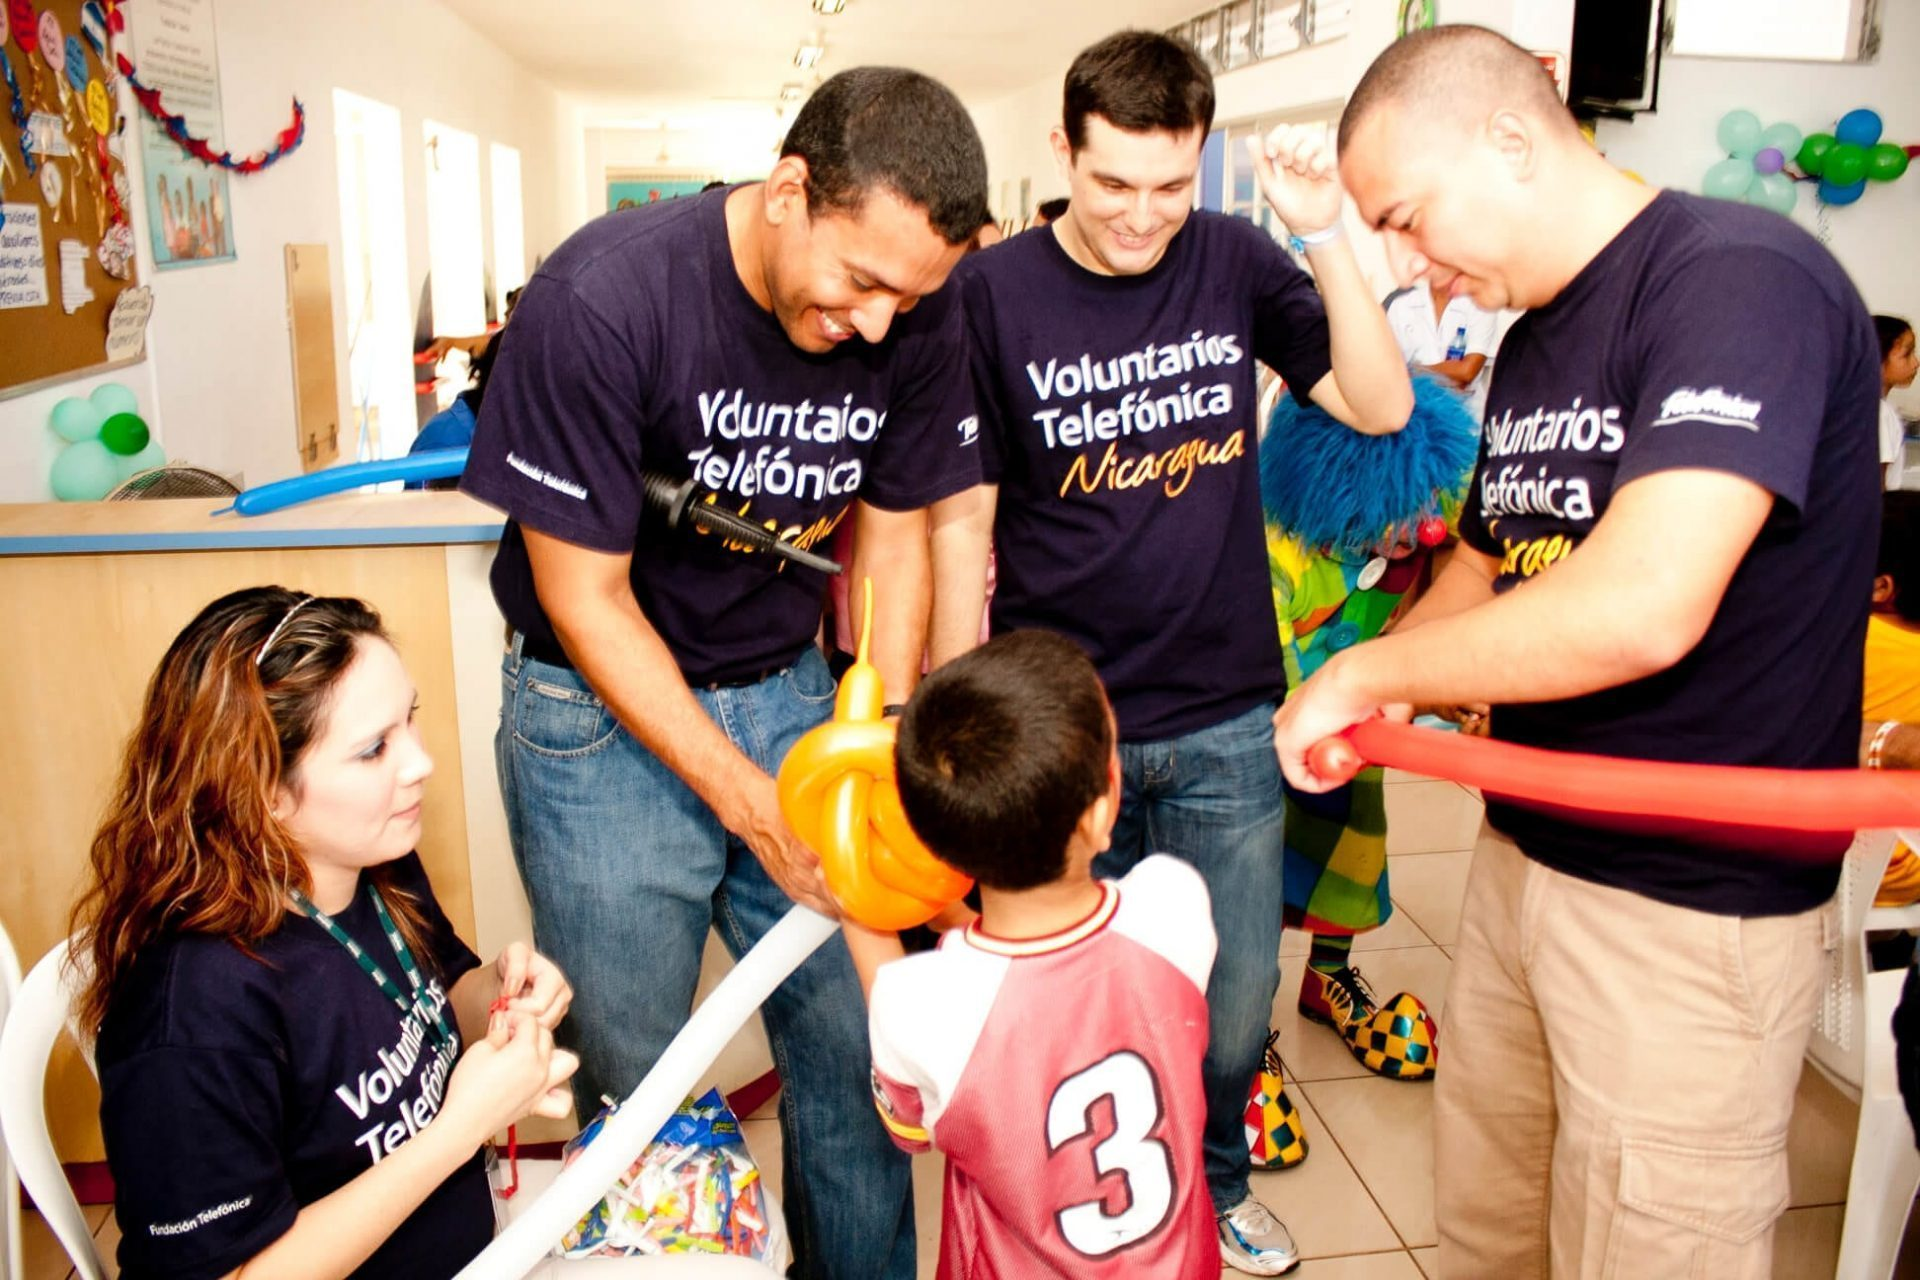 Vivo promove o dia dos voluntários telefônica sua principal ação de voluntariado e tecnologia